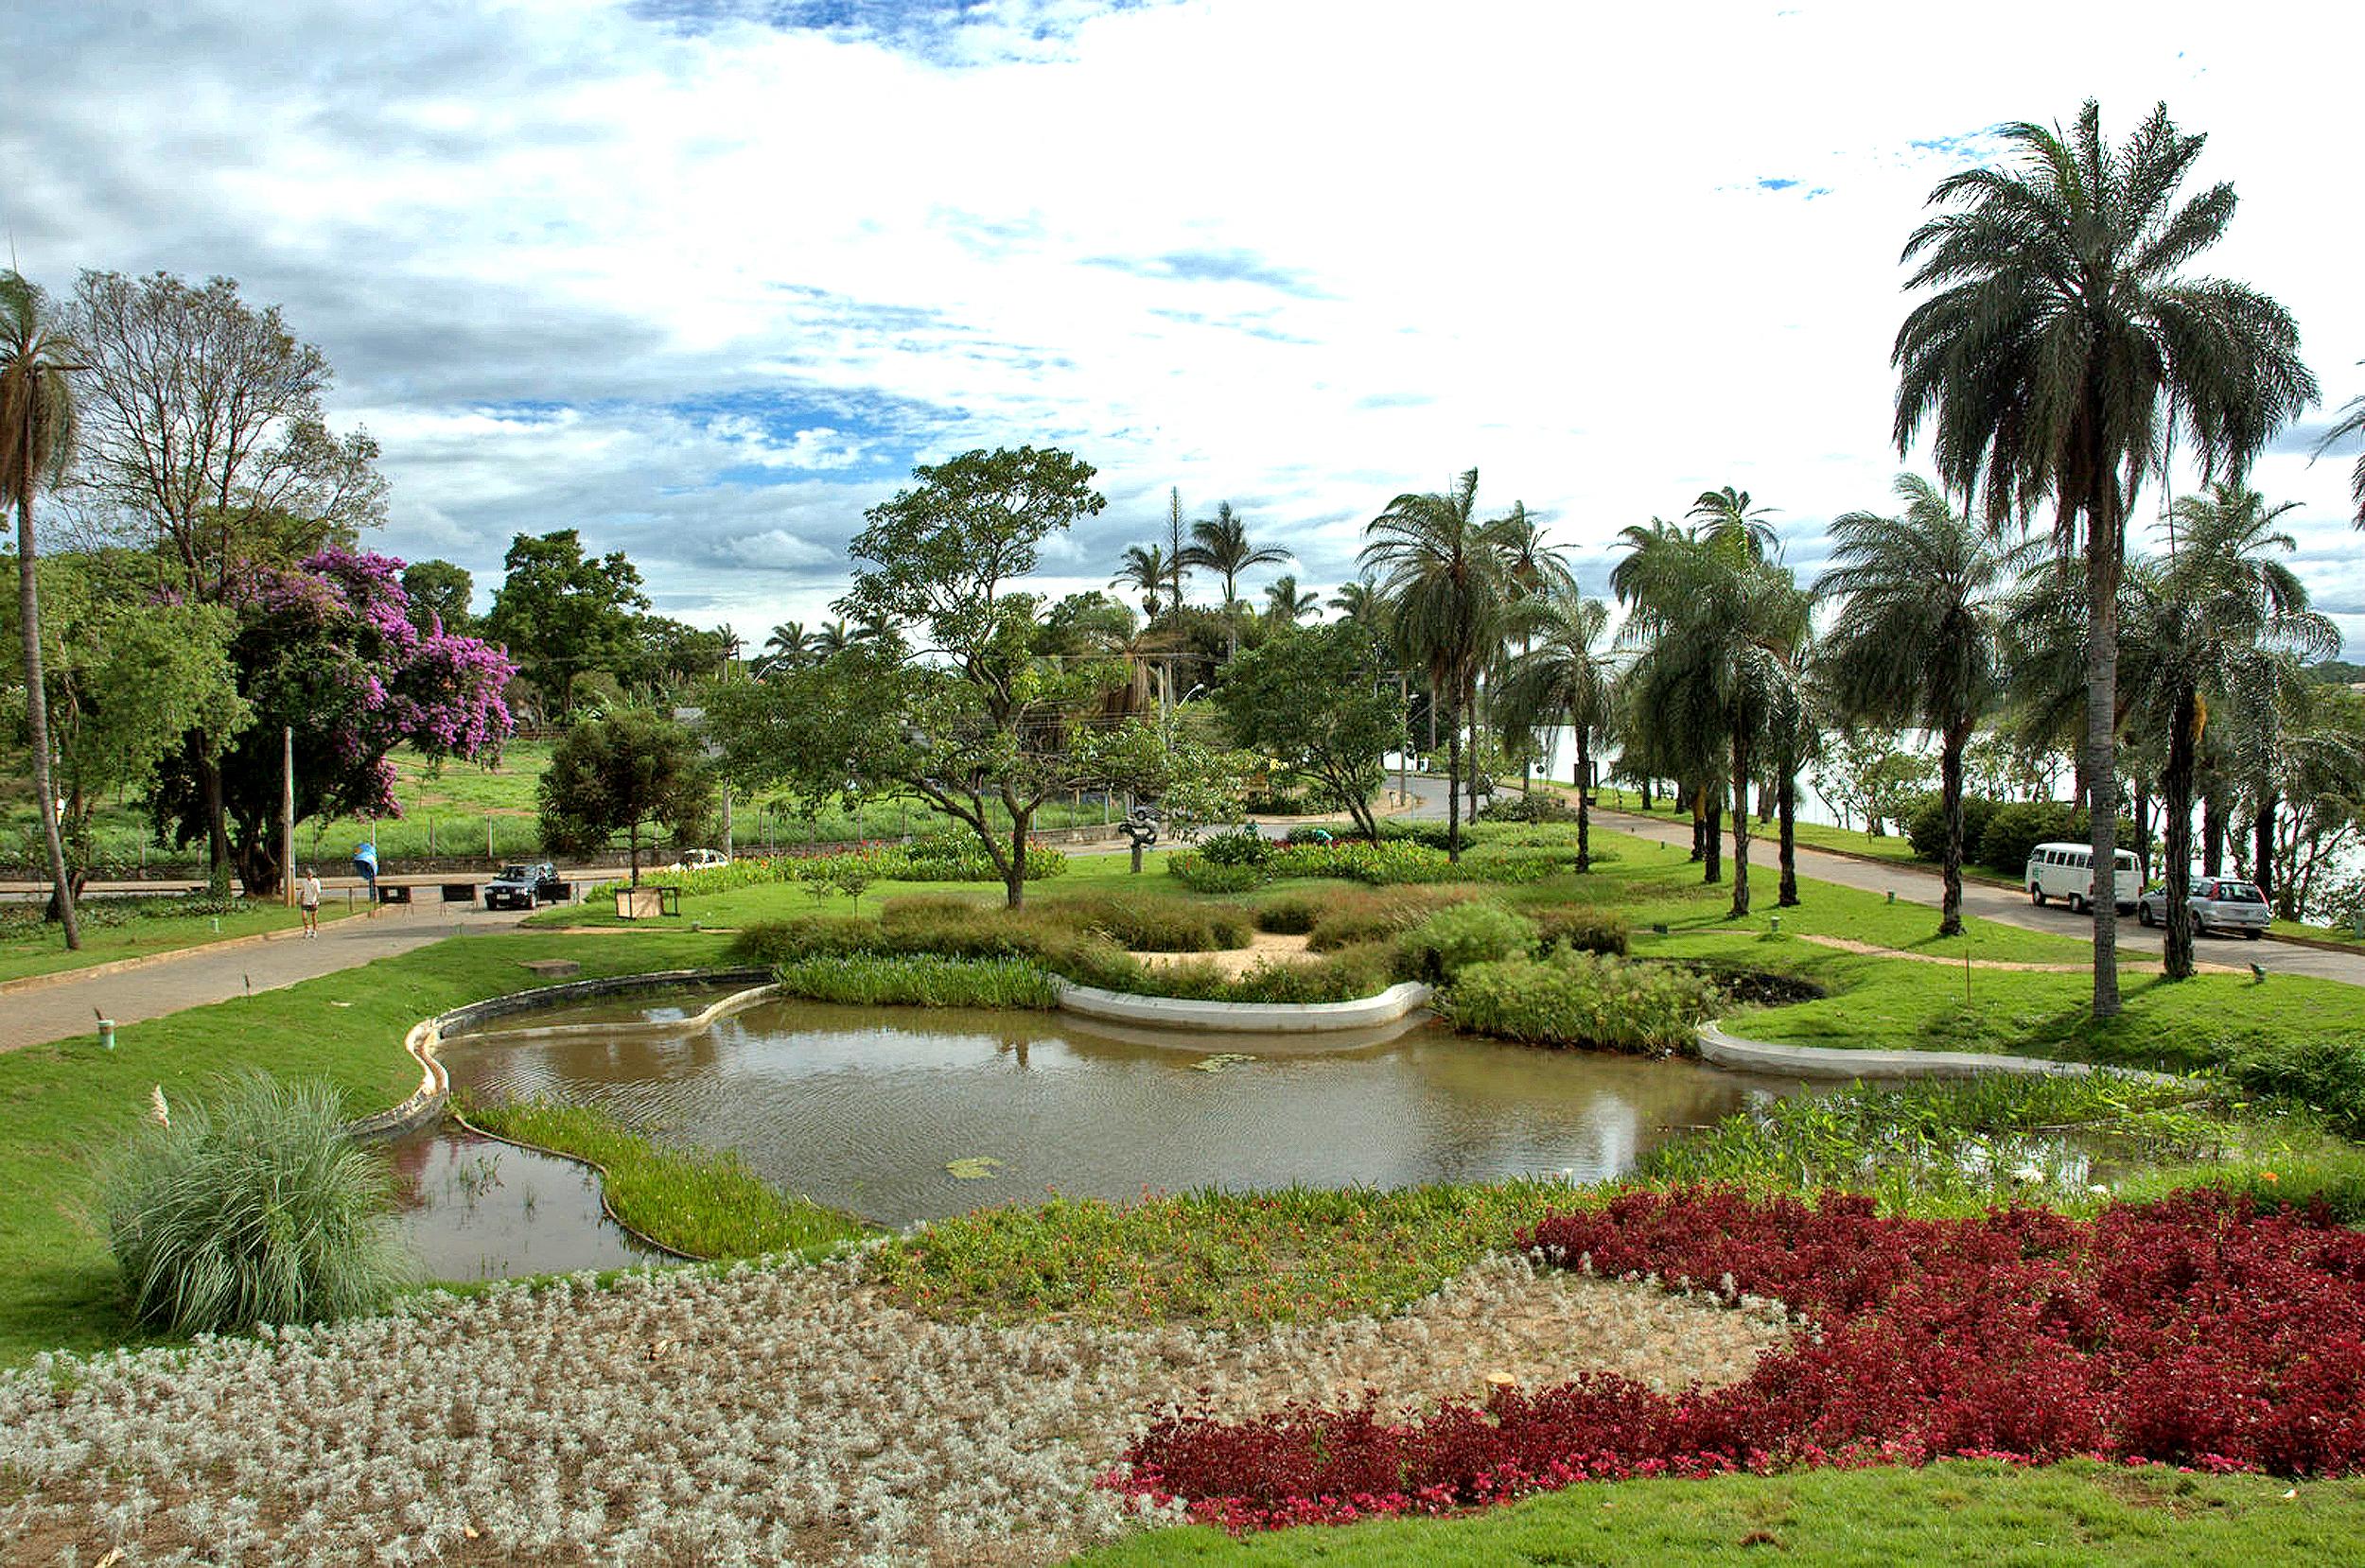 Parque Burle Marx2